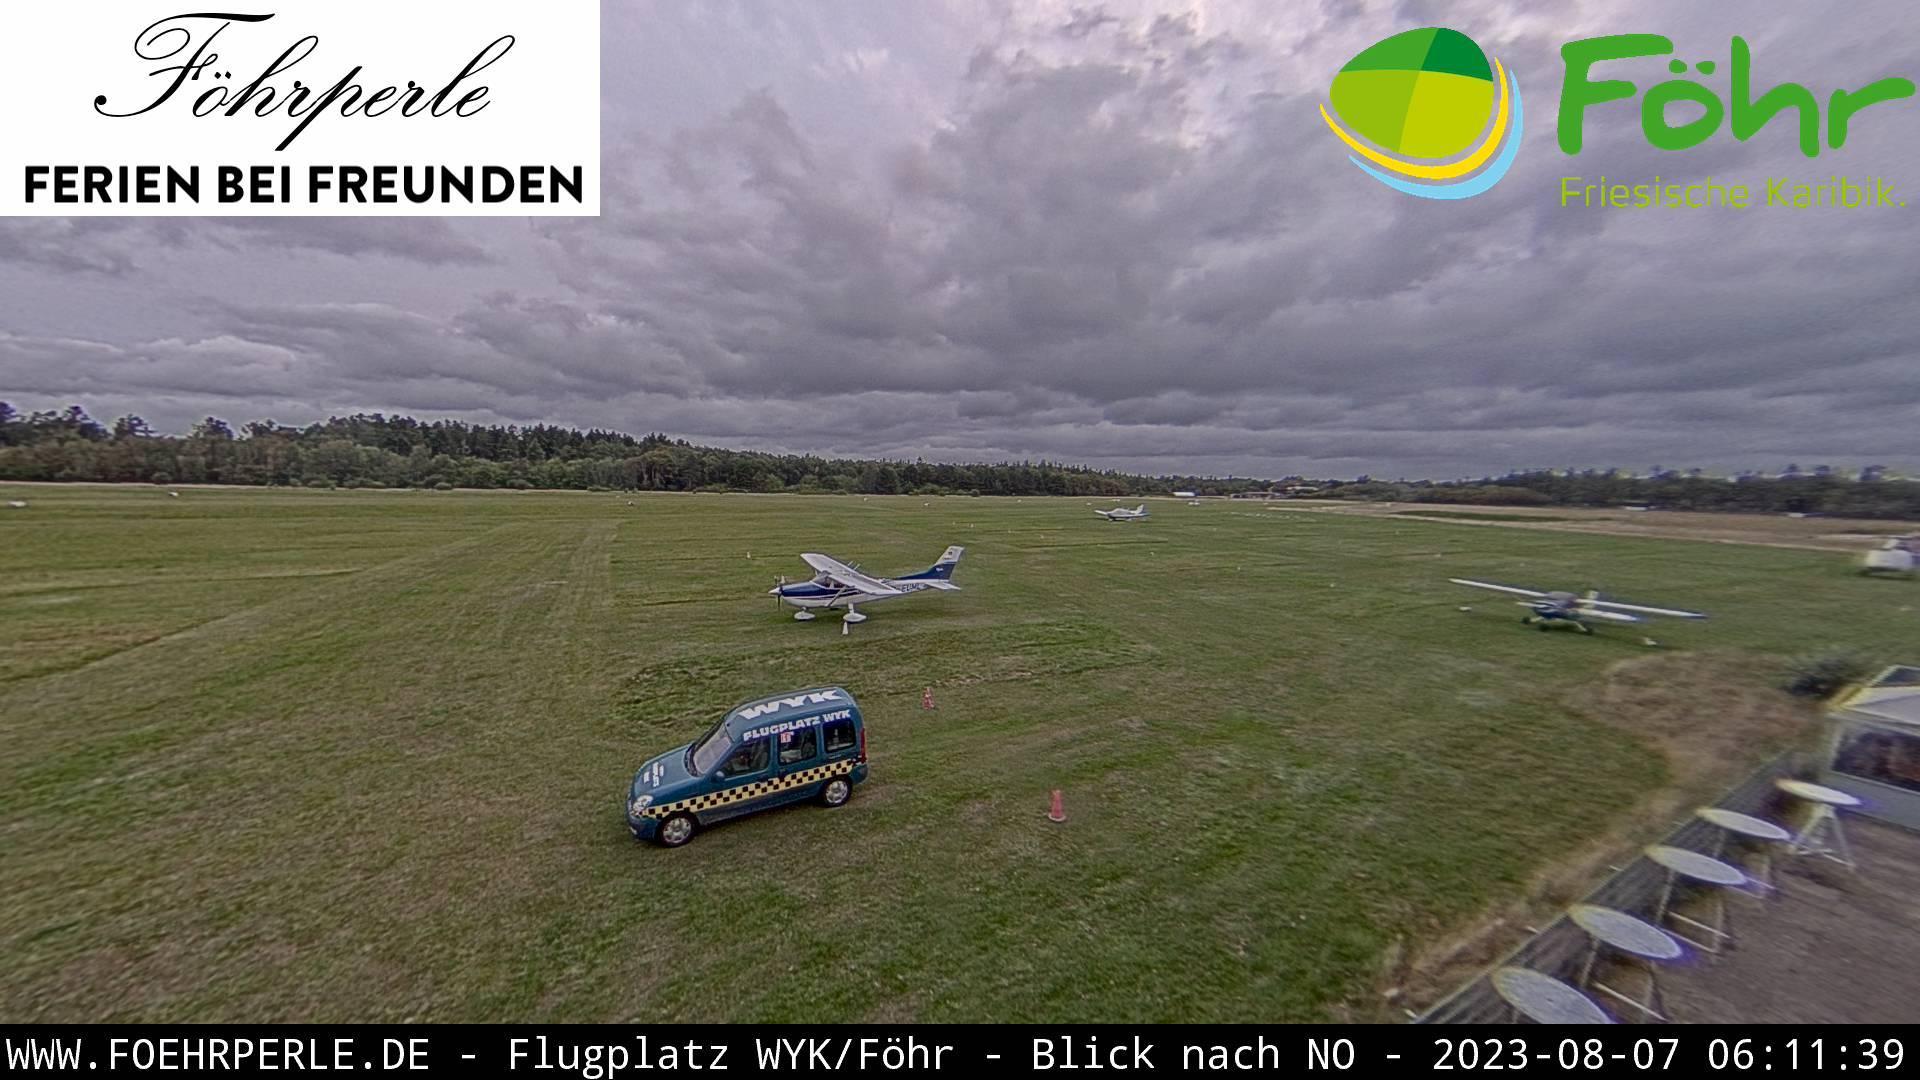 Webcam Wyk auf Föhr: Wyk Airport View from Tower, NorthEA